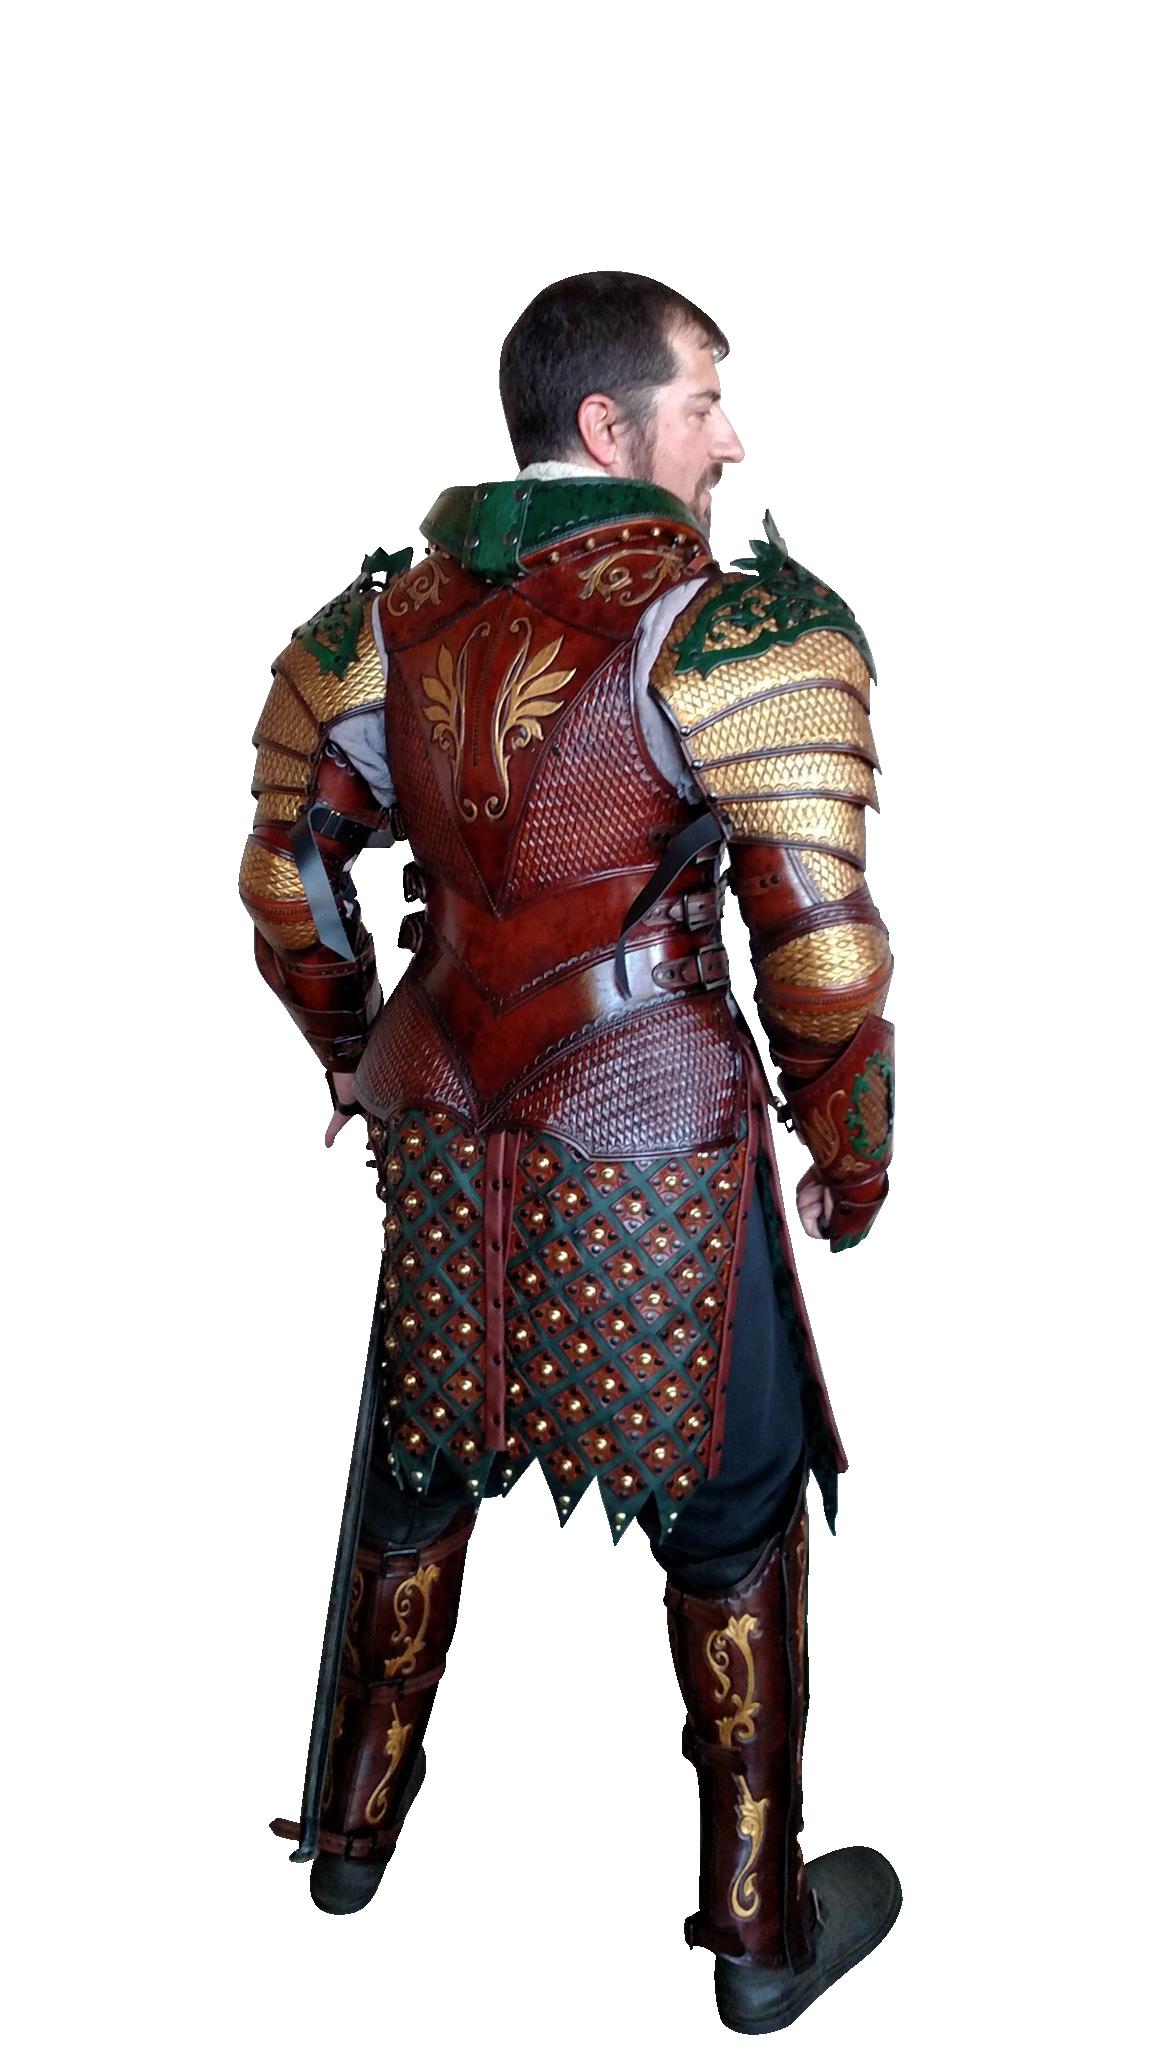 Home - Prince Armory